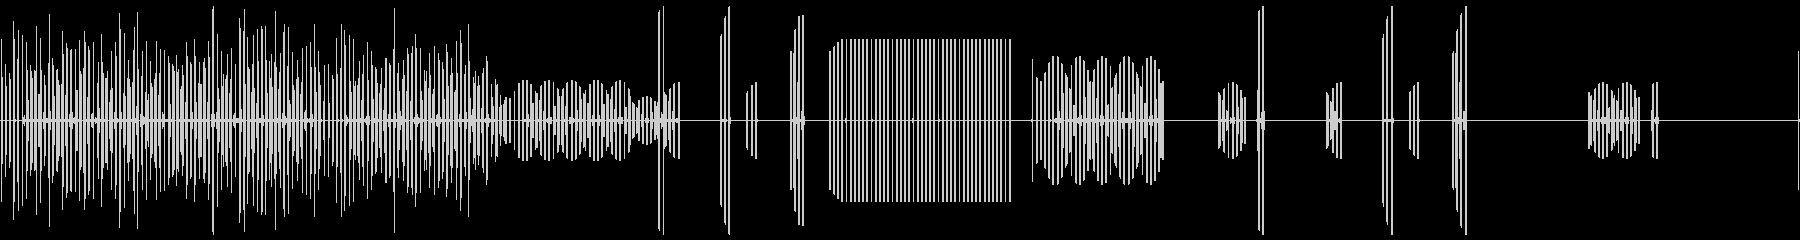 複数のスパークまたはショック、SC...の未再生の波形